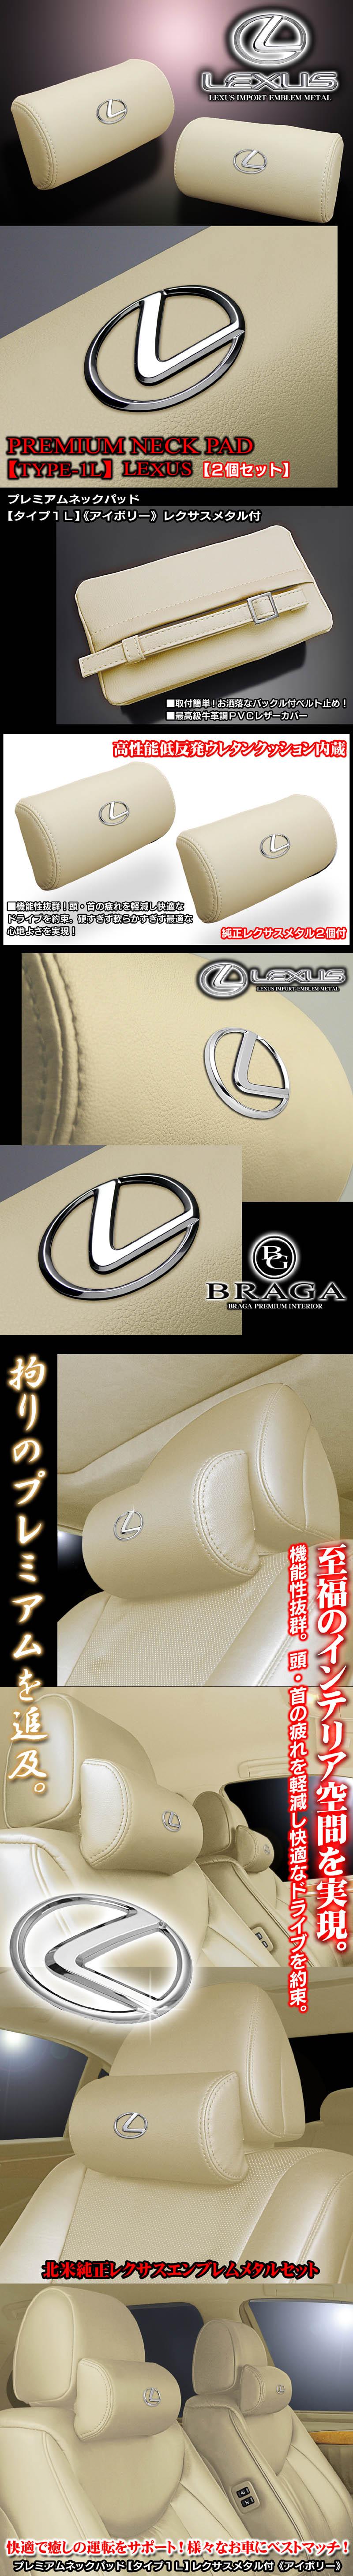 レクサスメタル付《タイプ1L》プレミアムネックパッド【アイボリー/2個セット】低反発ウレタン内蔵牛革調PVCレザー製/ブラガ